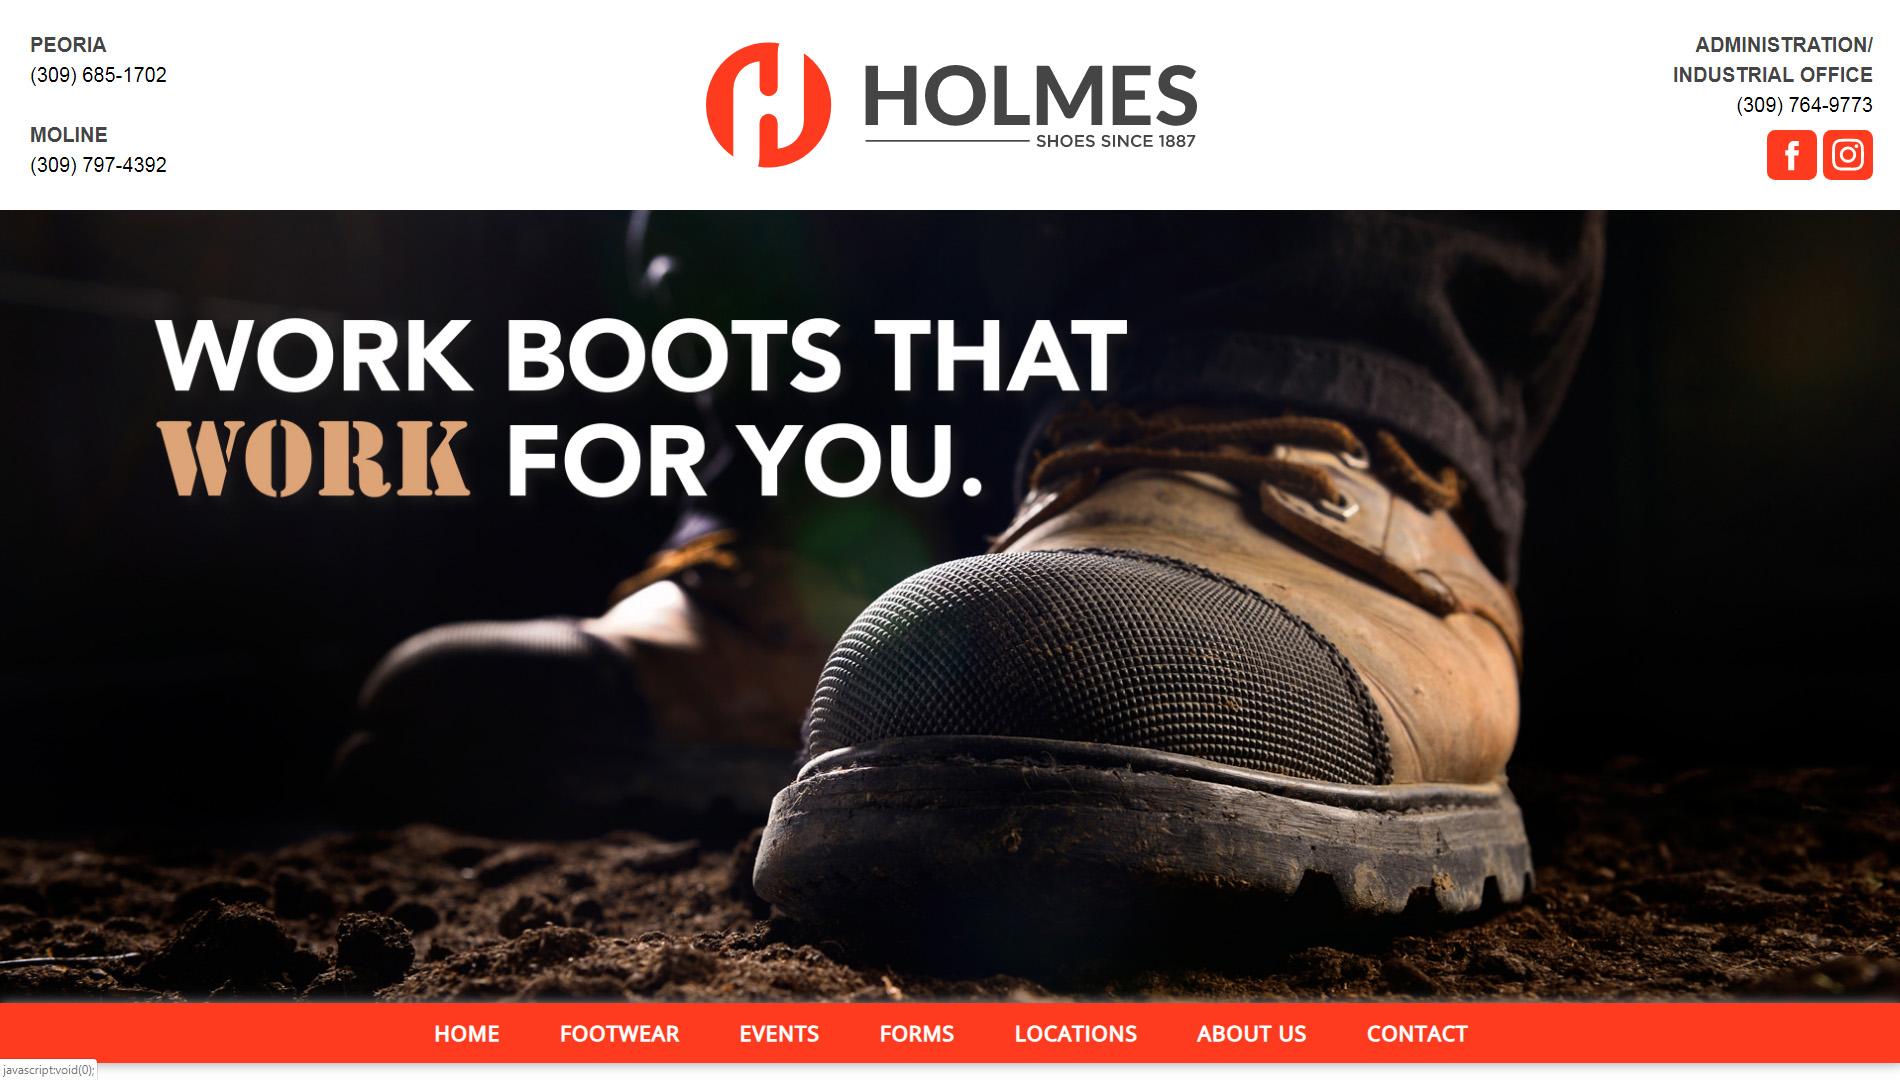 HolmesShoes.jpg